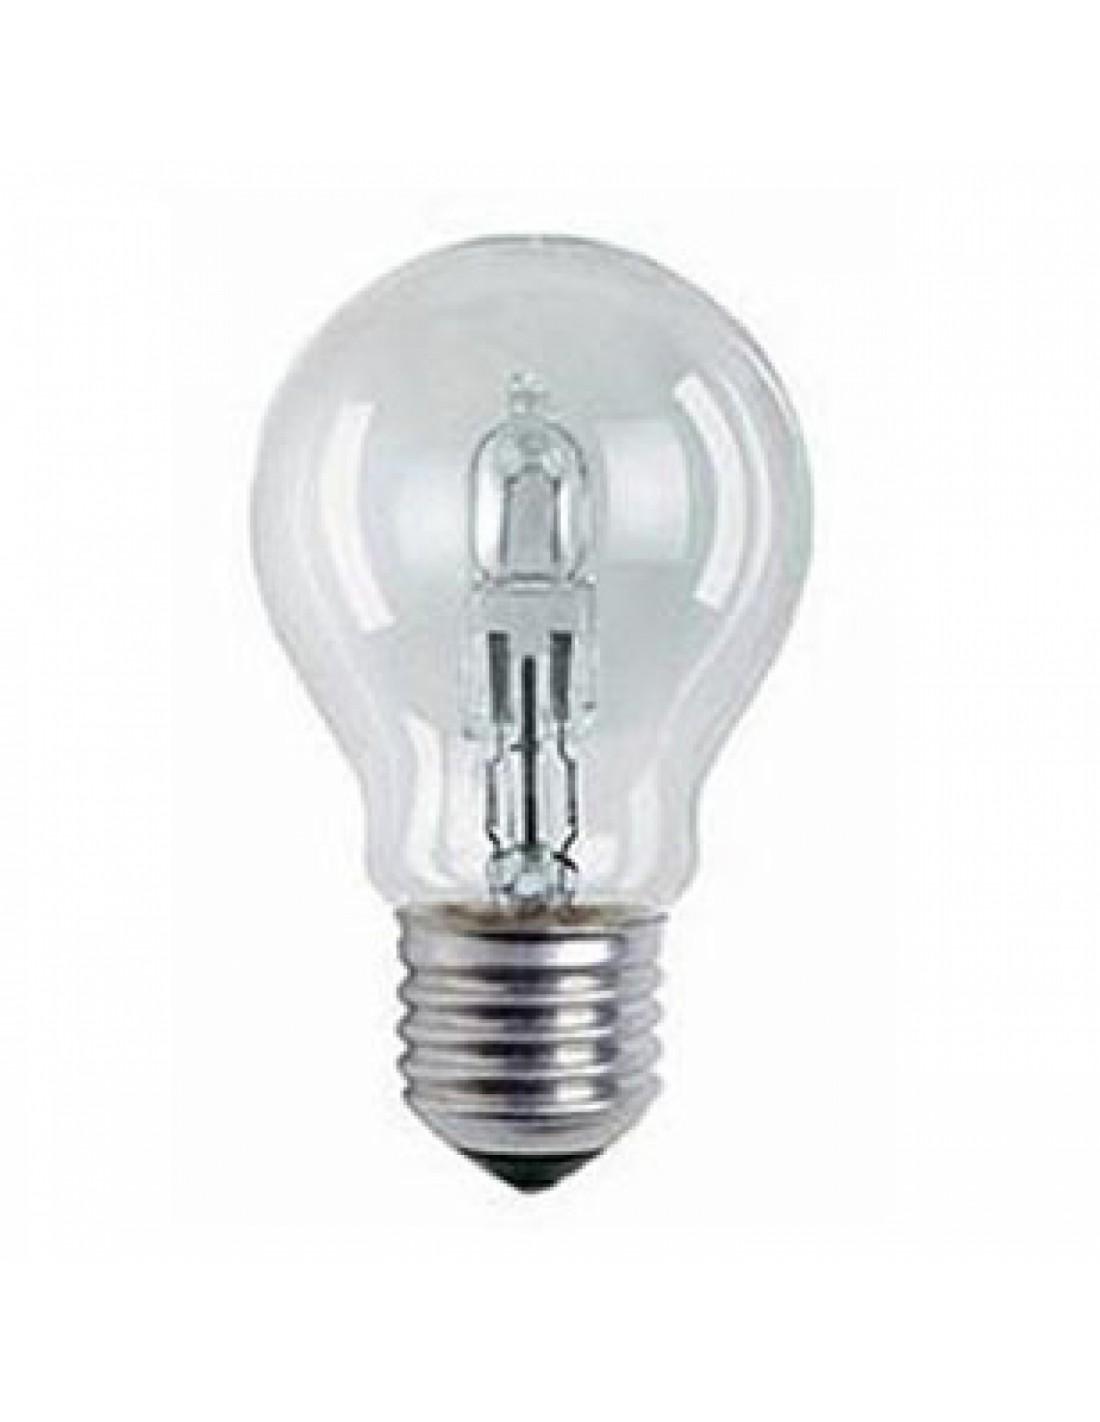 Ampoule E27 48/60W  Eco Halogène Bailey Valente Design